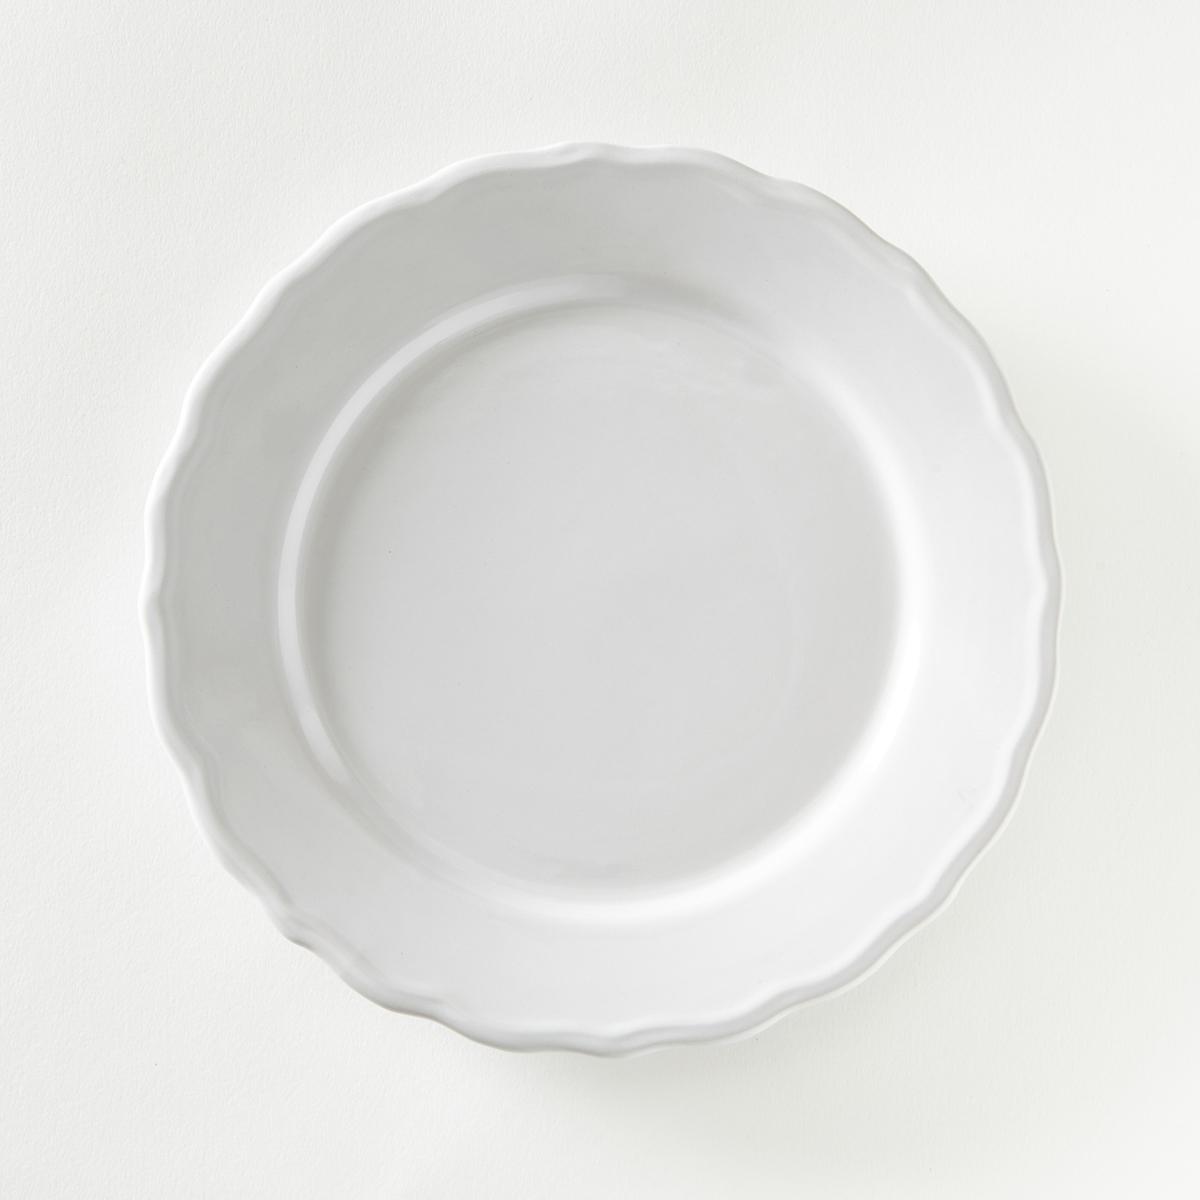 4 тарелки десертные с отделкой фестонами, Ajila